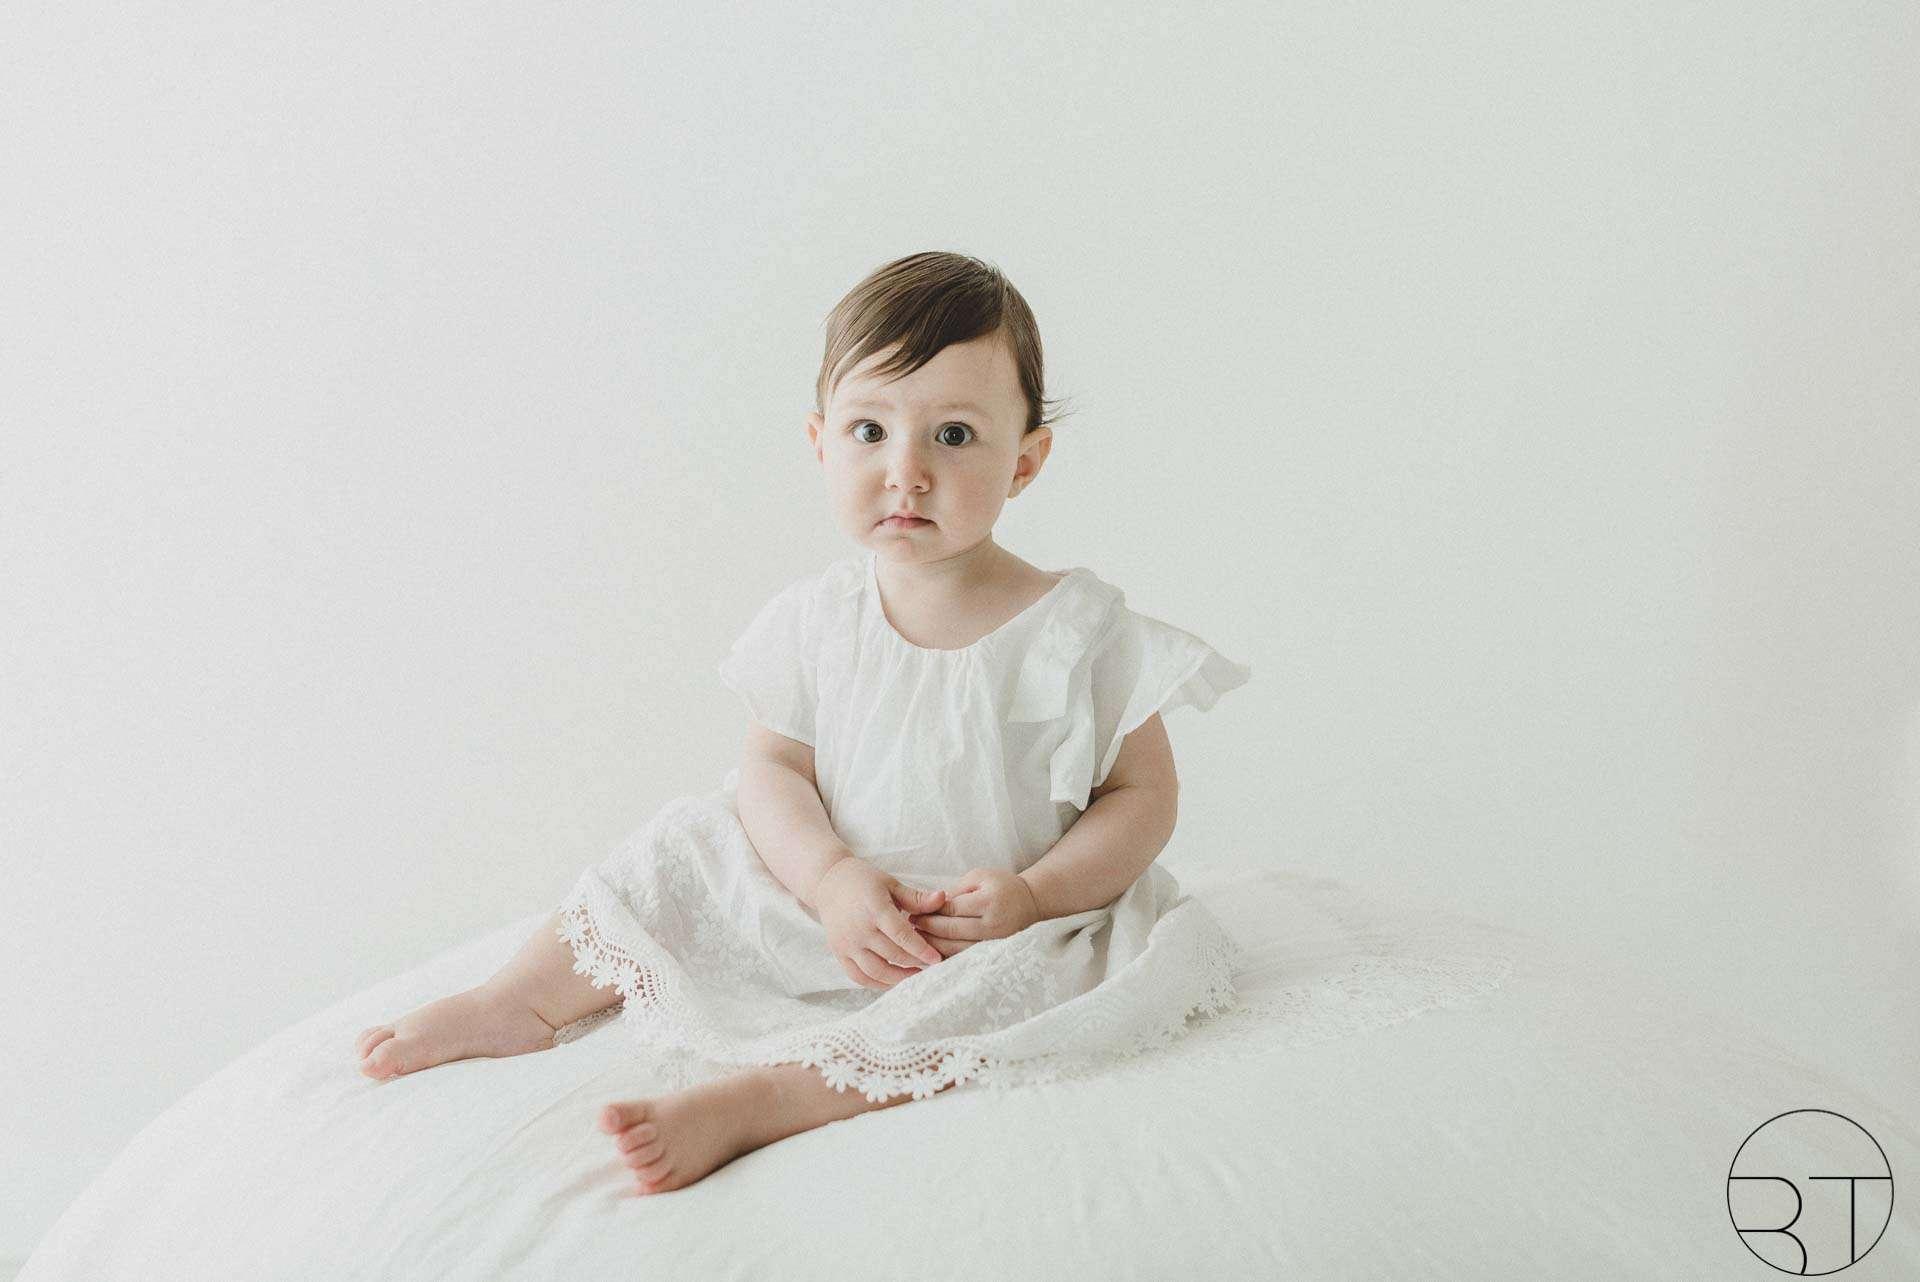 Fotografia newborn bambina su pouf realizzata da Barbara Trincone Fotografo specializzato in Gravidanza, Maternità, Genitorialità, Nascita e Newborn a Napoli, Avellino, Salerno, Caserta